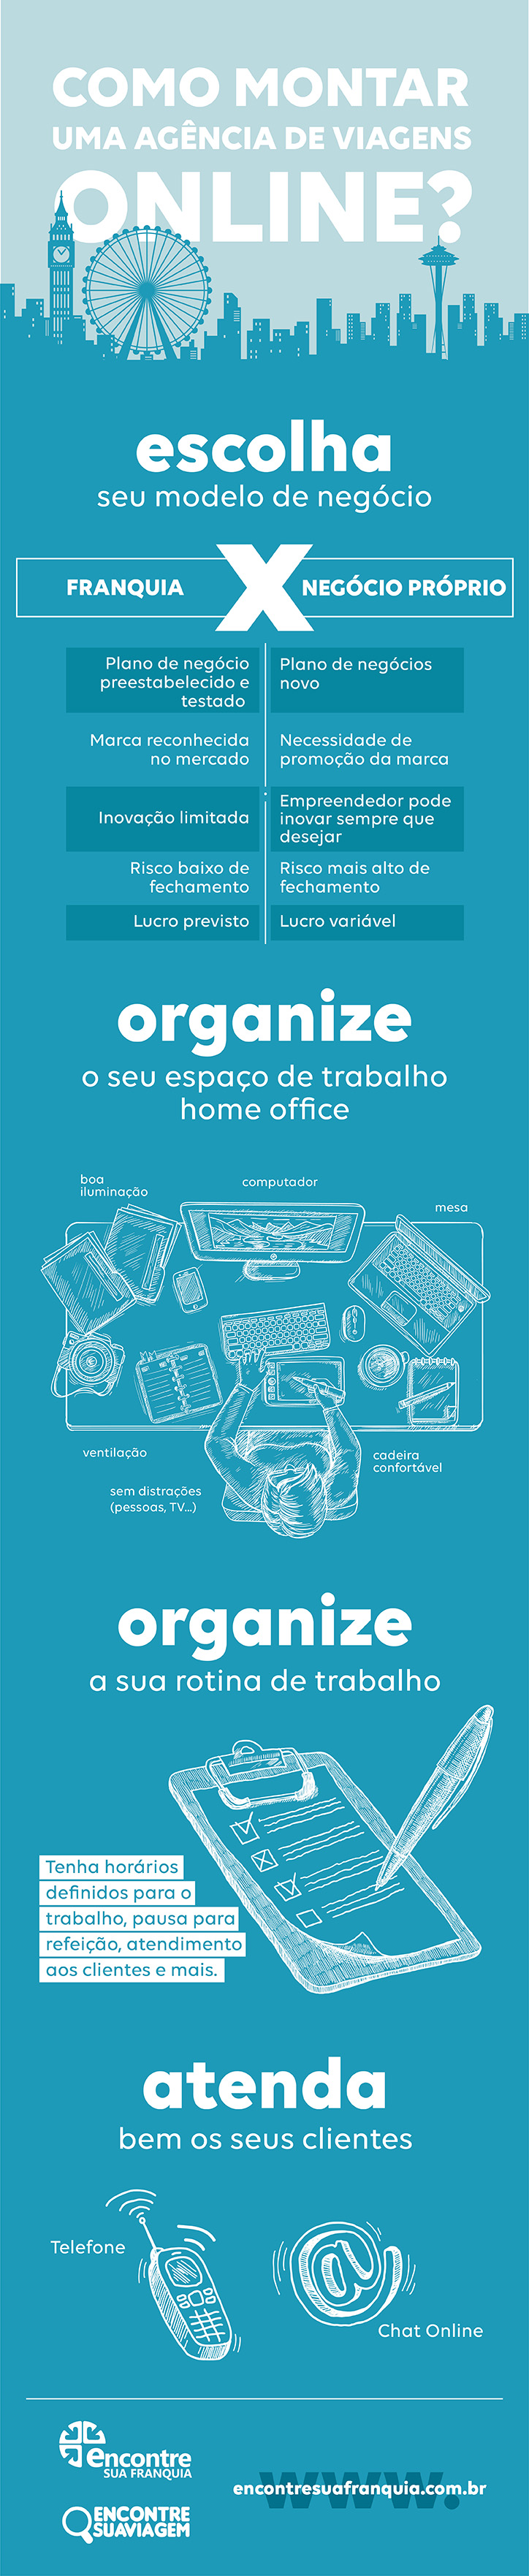 """Infográfico """"Como montar uma agência de viagens on-line?"""""""